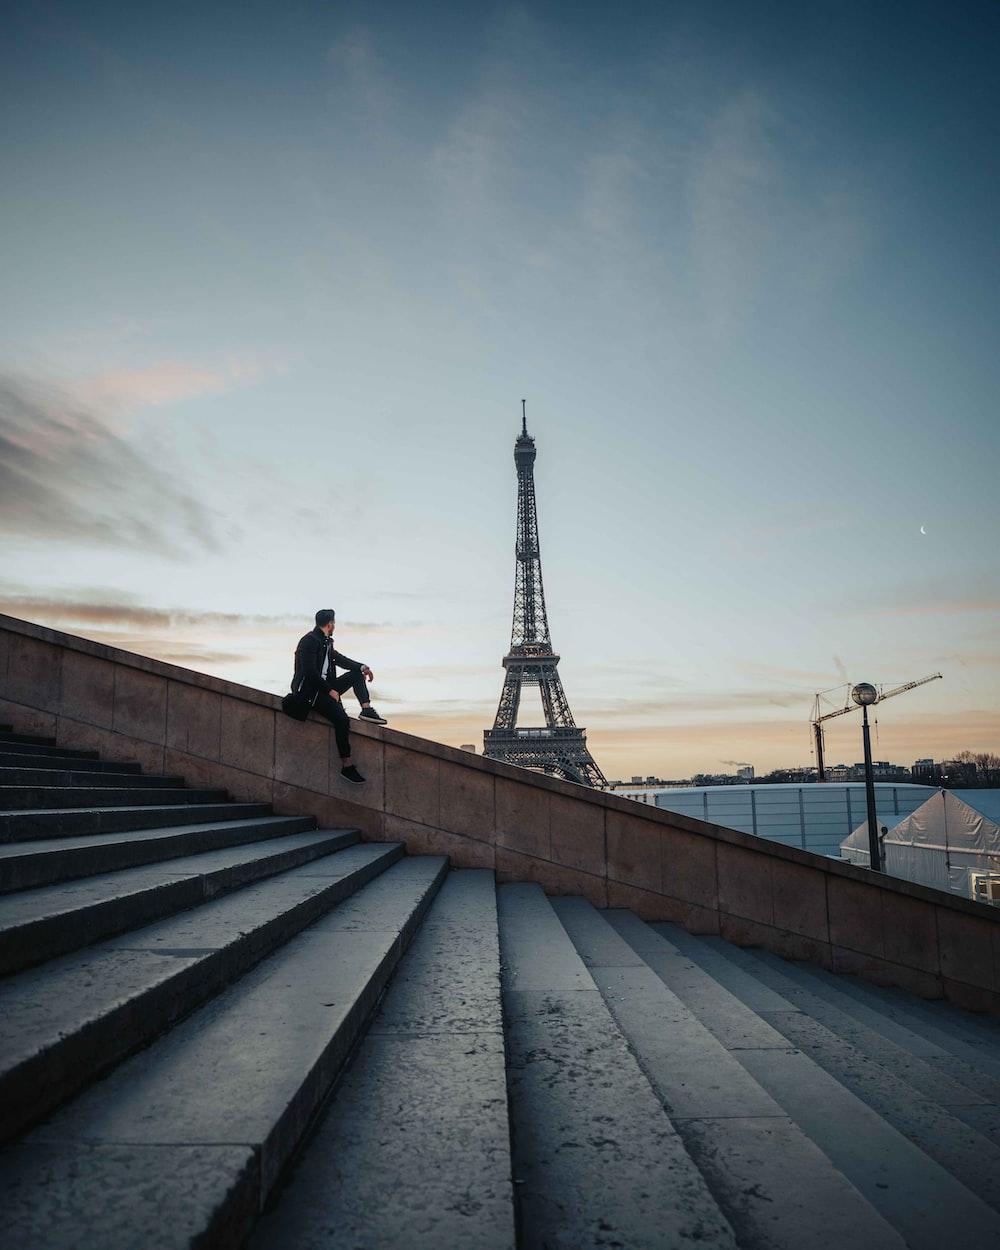 man in black jacket walking on gray concrete bridge during daytime